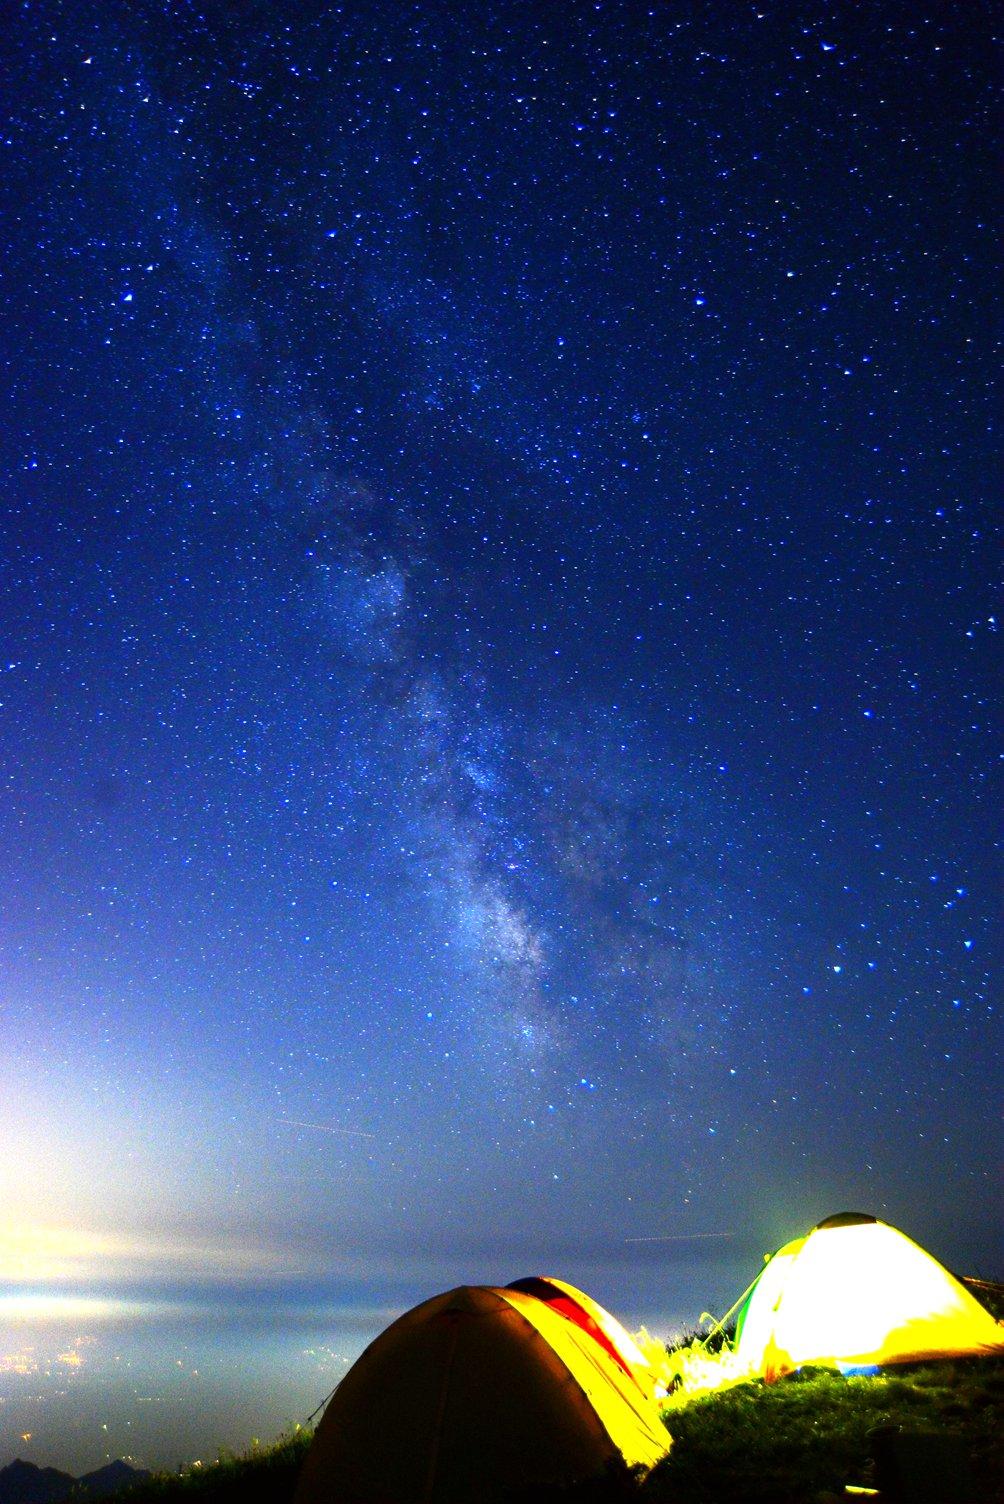 守望星空,美丽的海坨,我们来了!图片